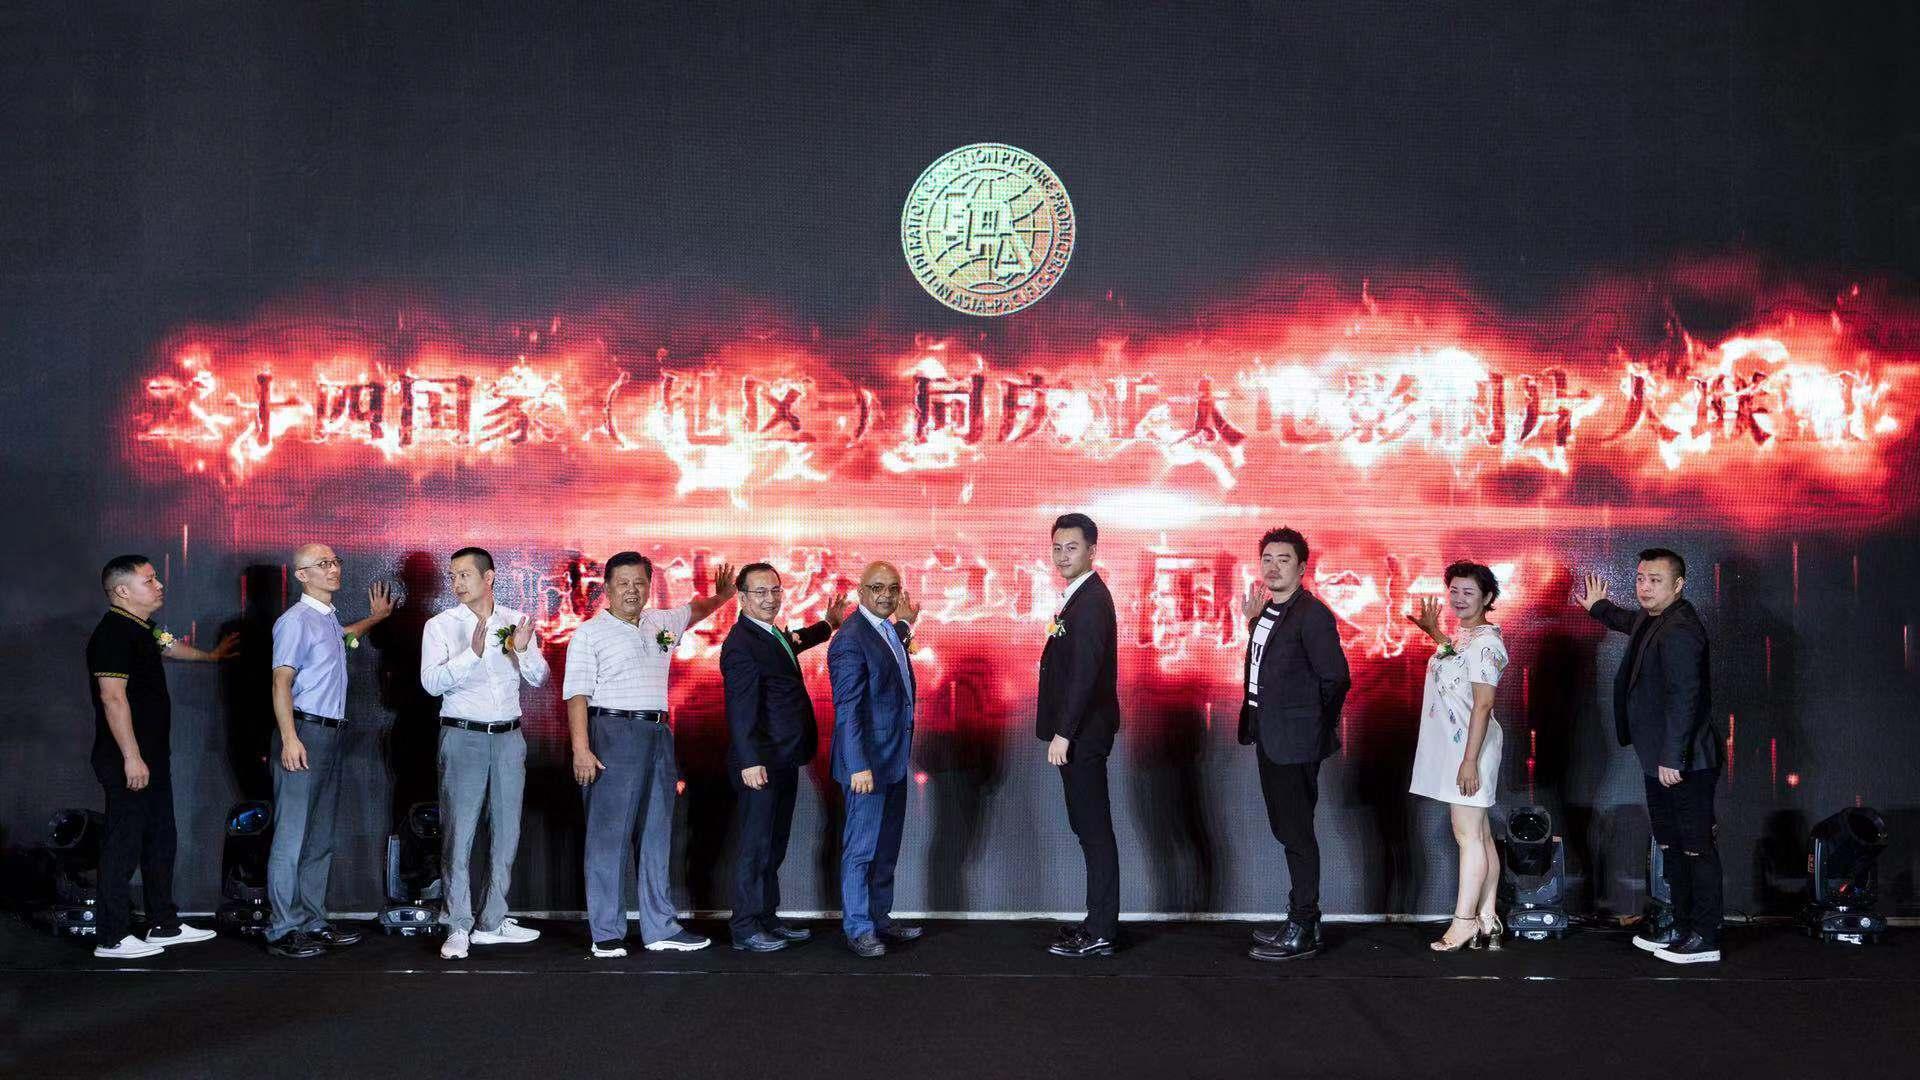 众星聚集亚太电影制片人联盟,24国重启亚太电影节40奖项